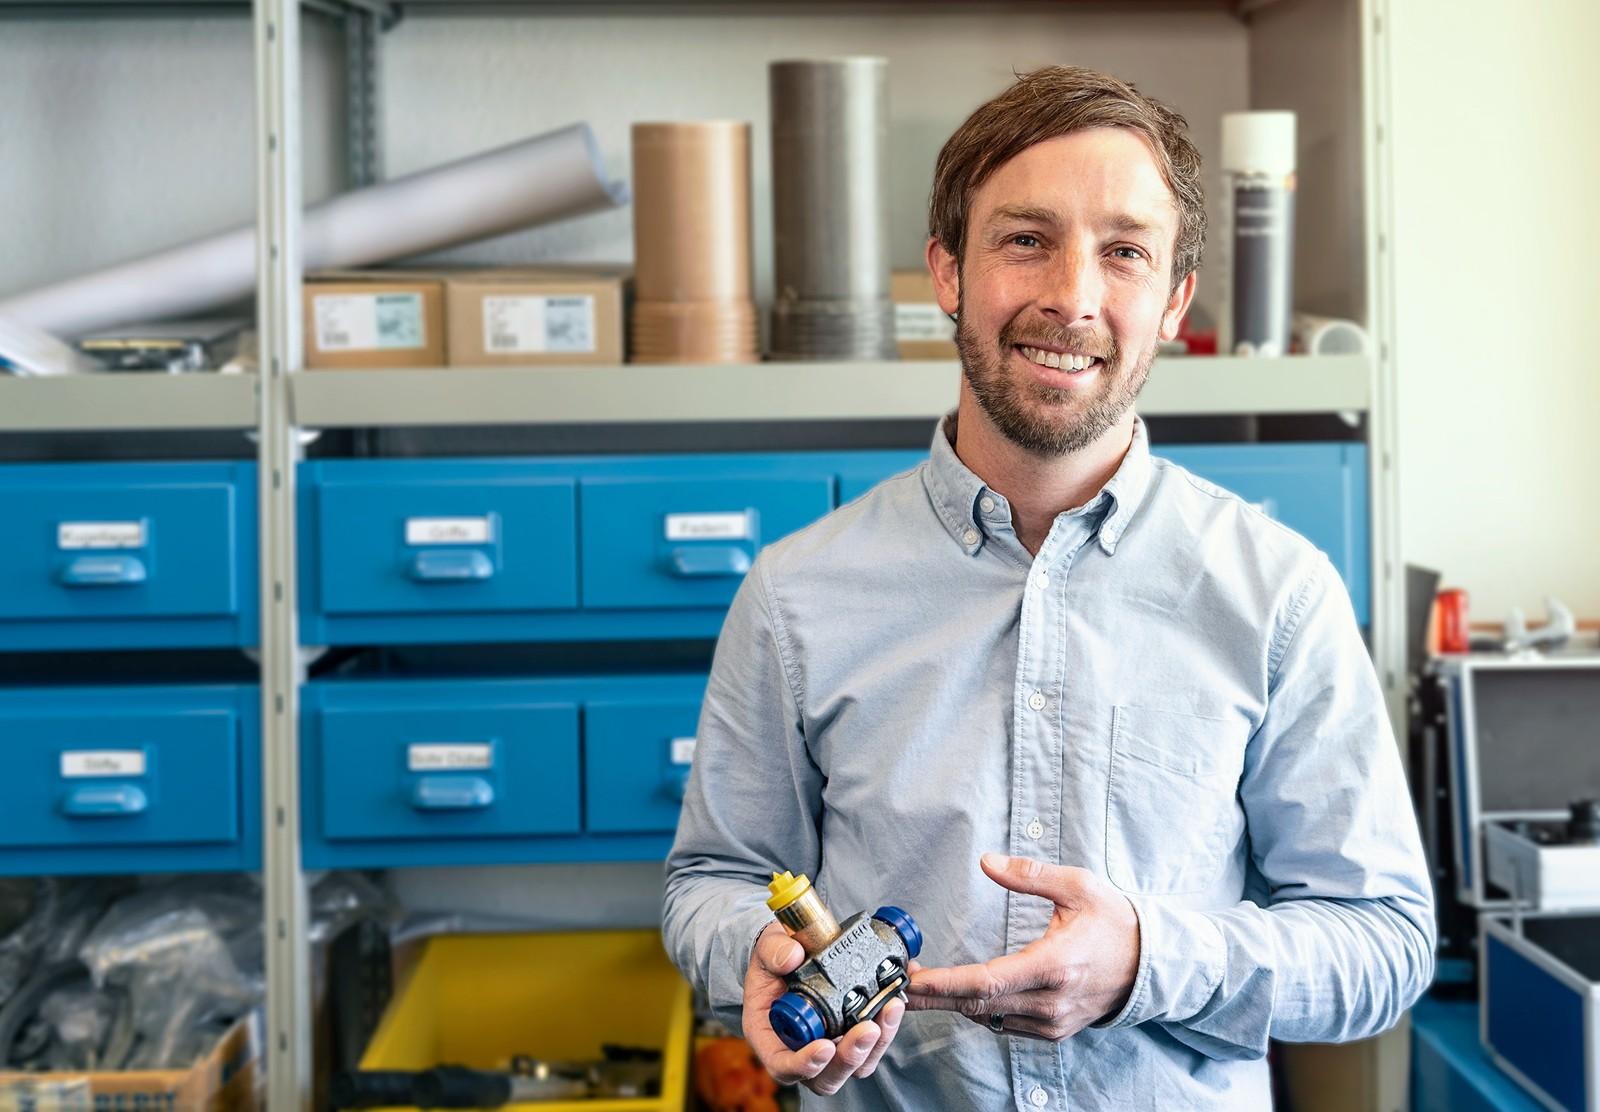 Roger Baggenstos ist Entwicklungsingenieur bei Geberit im Bereich Piping Systems.